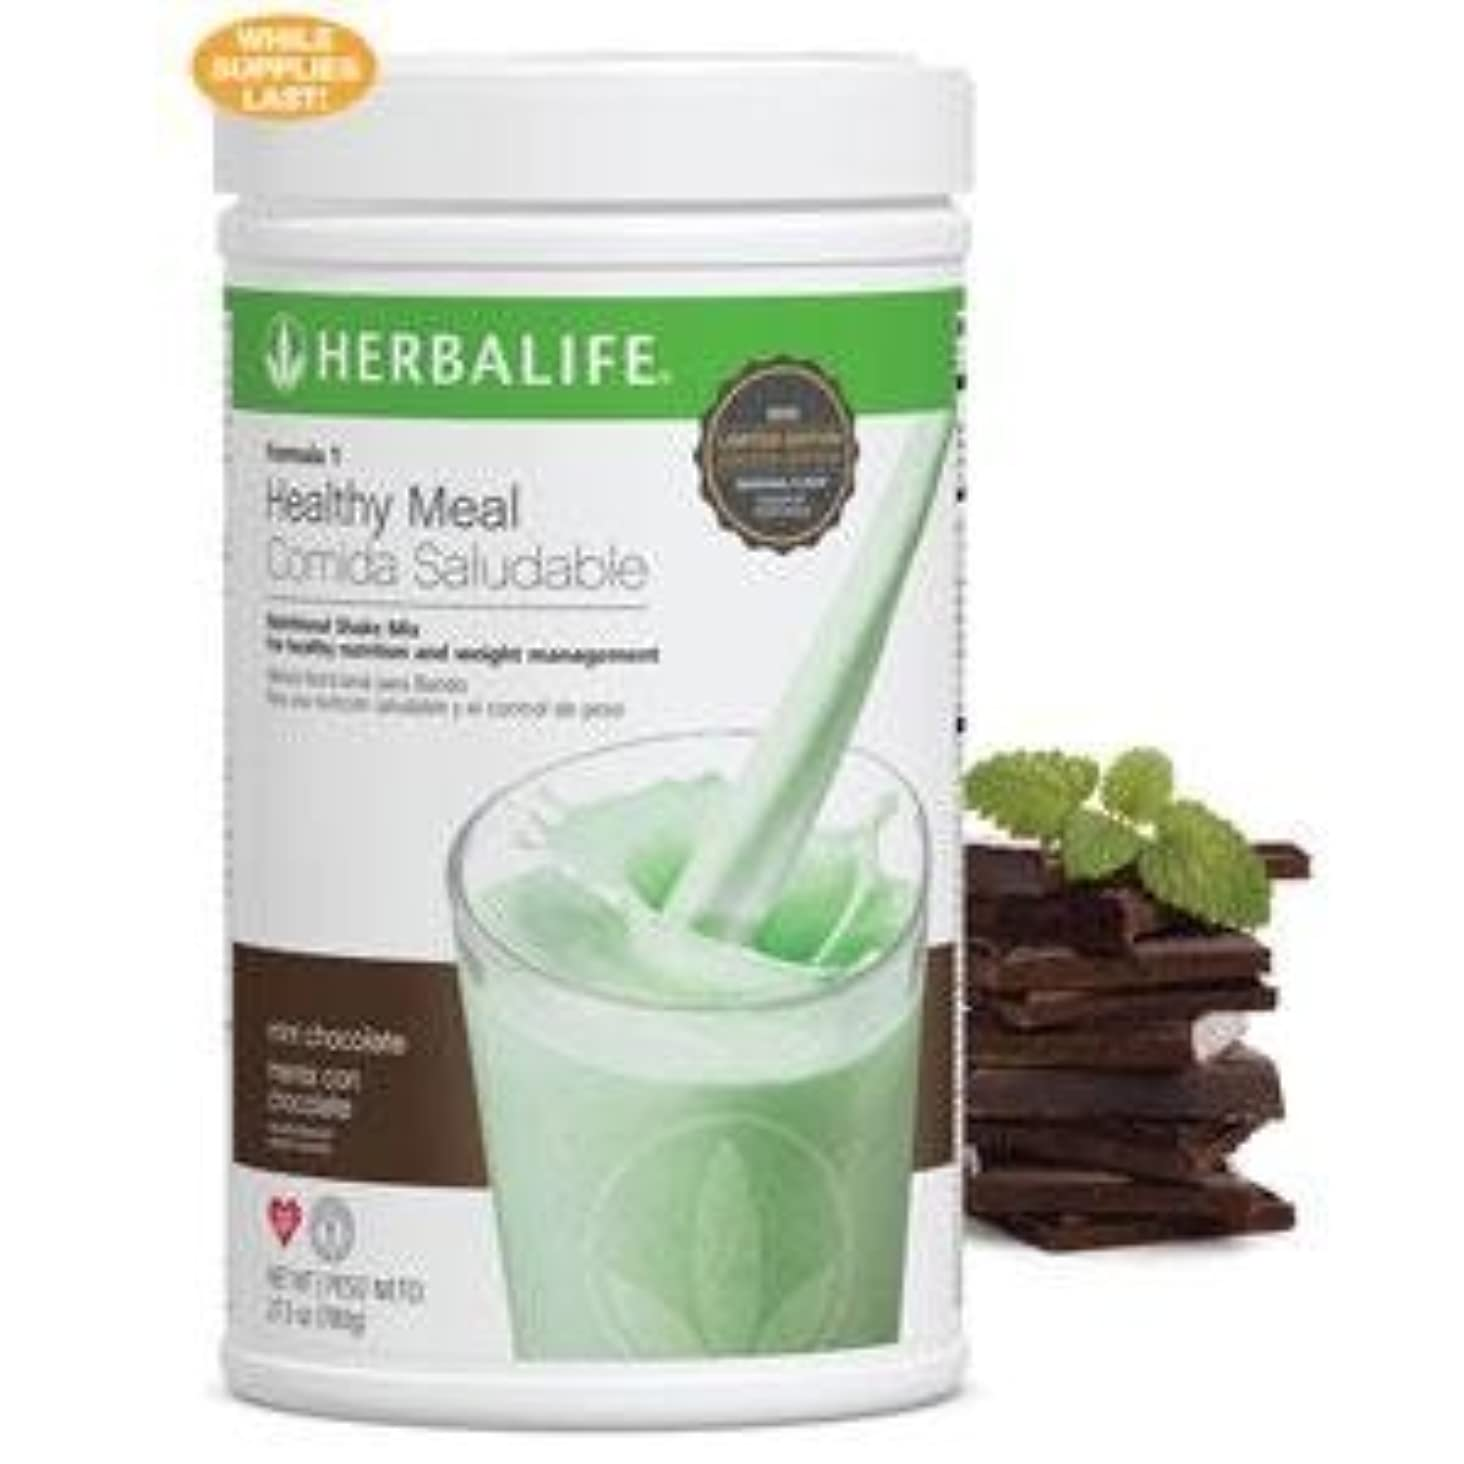 教育ペンバタフライHerbalife  フォーミュラ1ヘルシーミール栄養シェークミックス(ミントチョコレートチップス、780g / 27.5Oz)